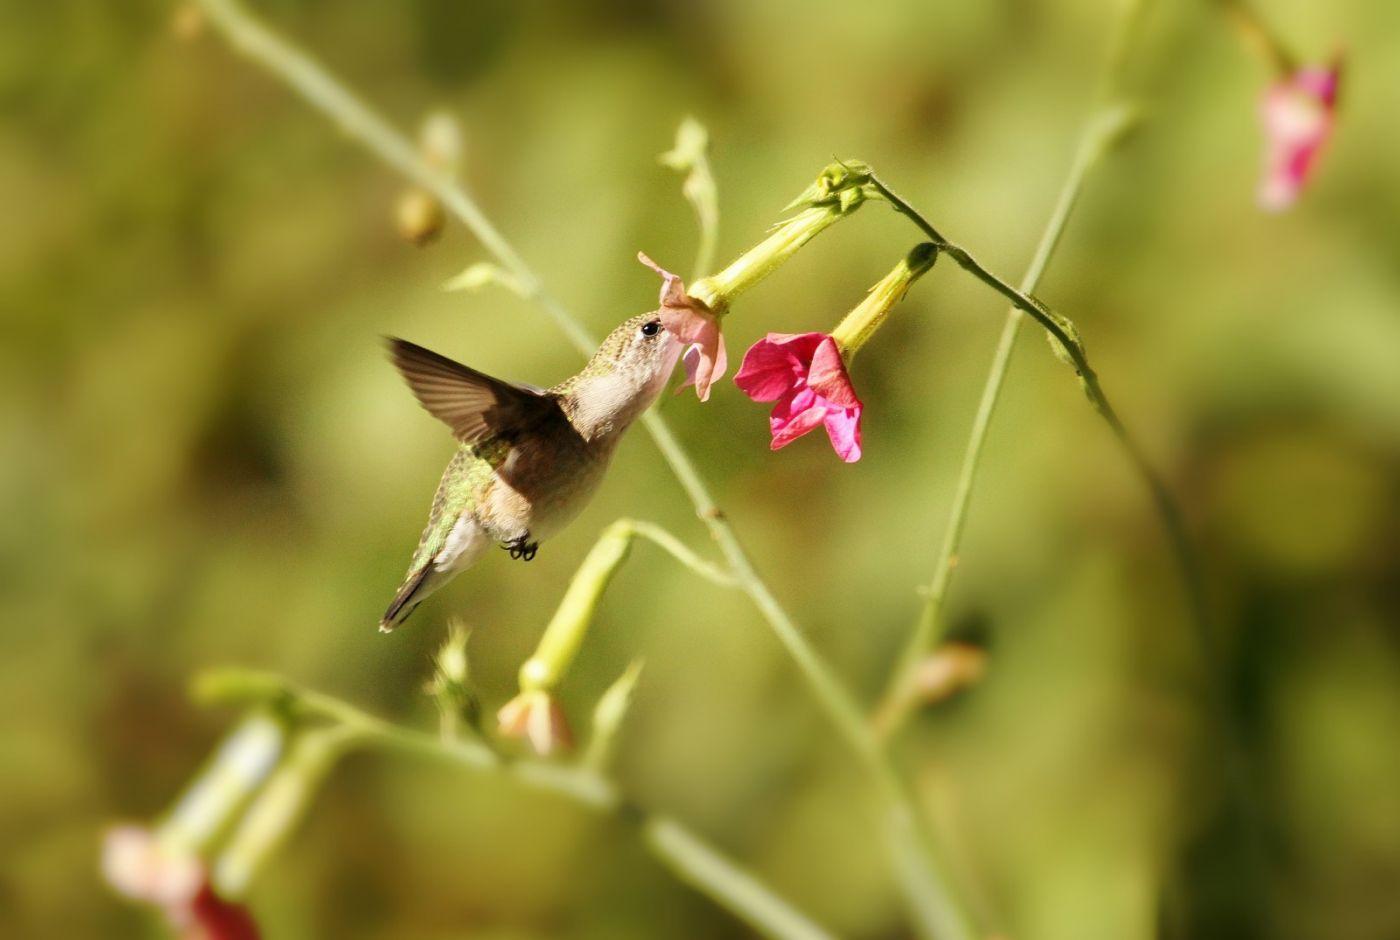 【田螺摄影】在纽约city找蜂鸟拍不难_图1-20